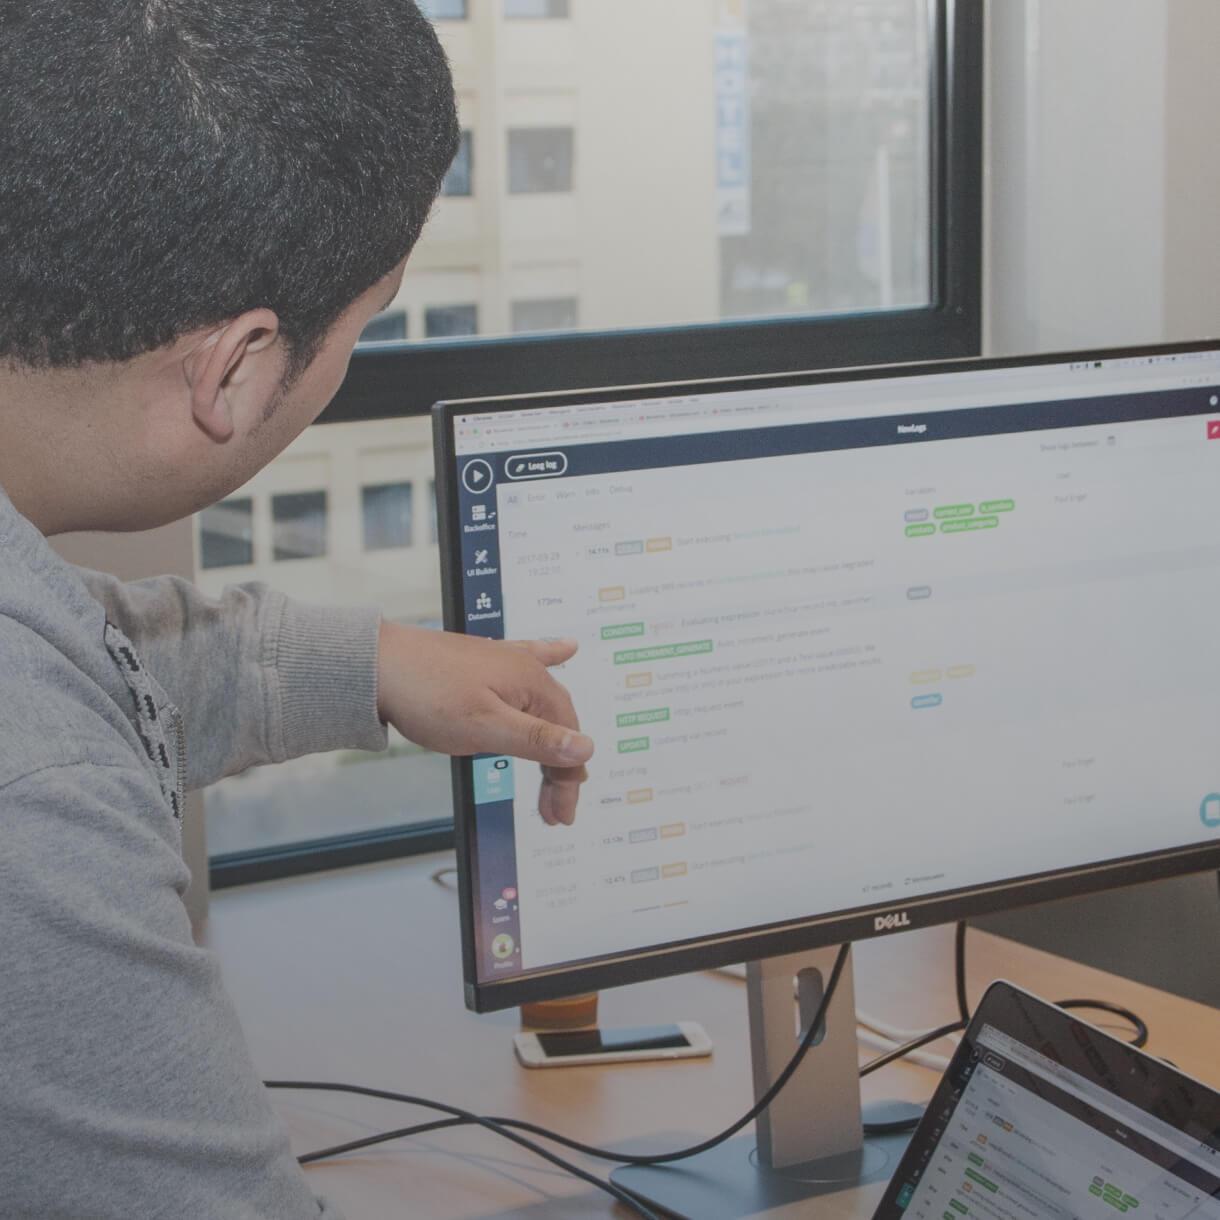 Sneller applicaties ontwikkelen met een RAD-platform | Holder